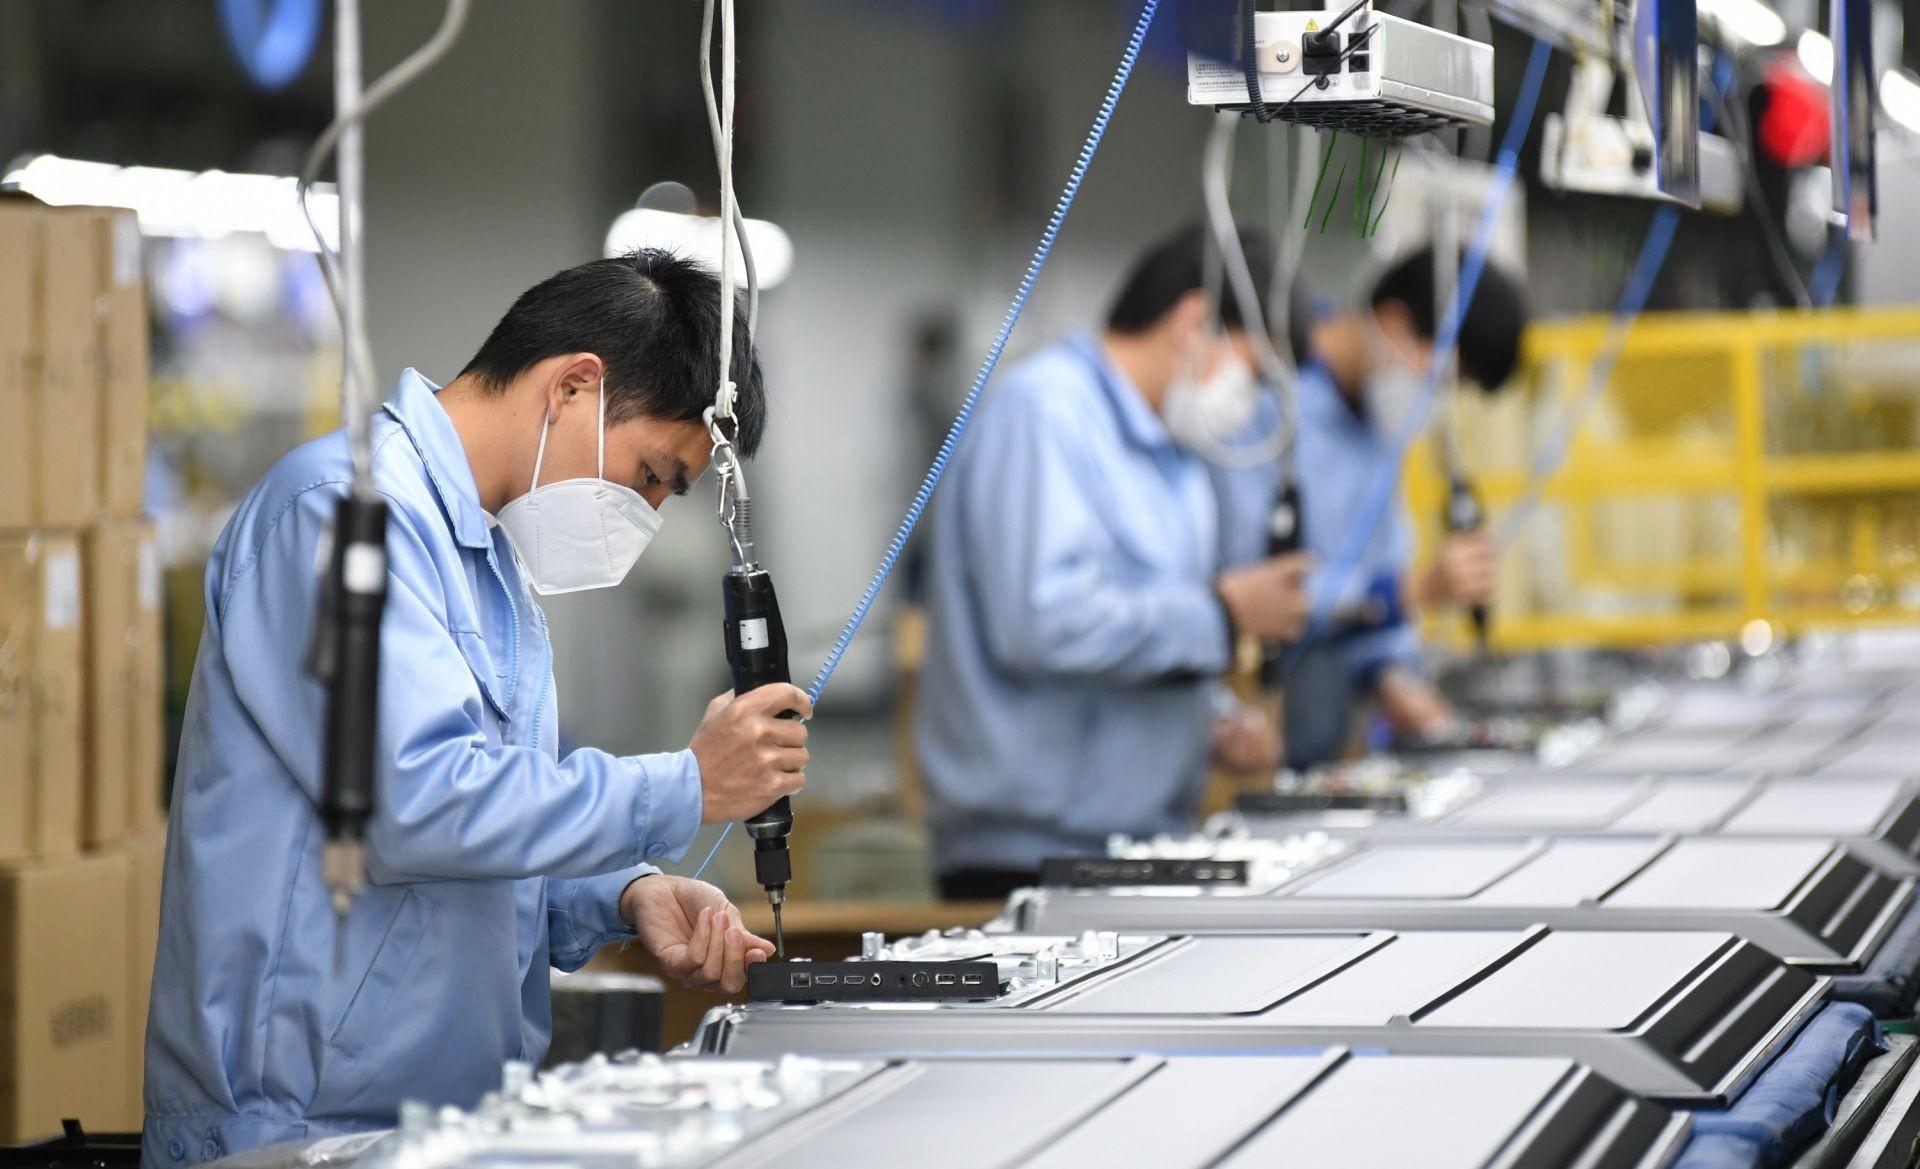 Chính phủ ban hành 4 nhóm giải pháp gỡ khó cho doanh nghiệp